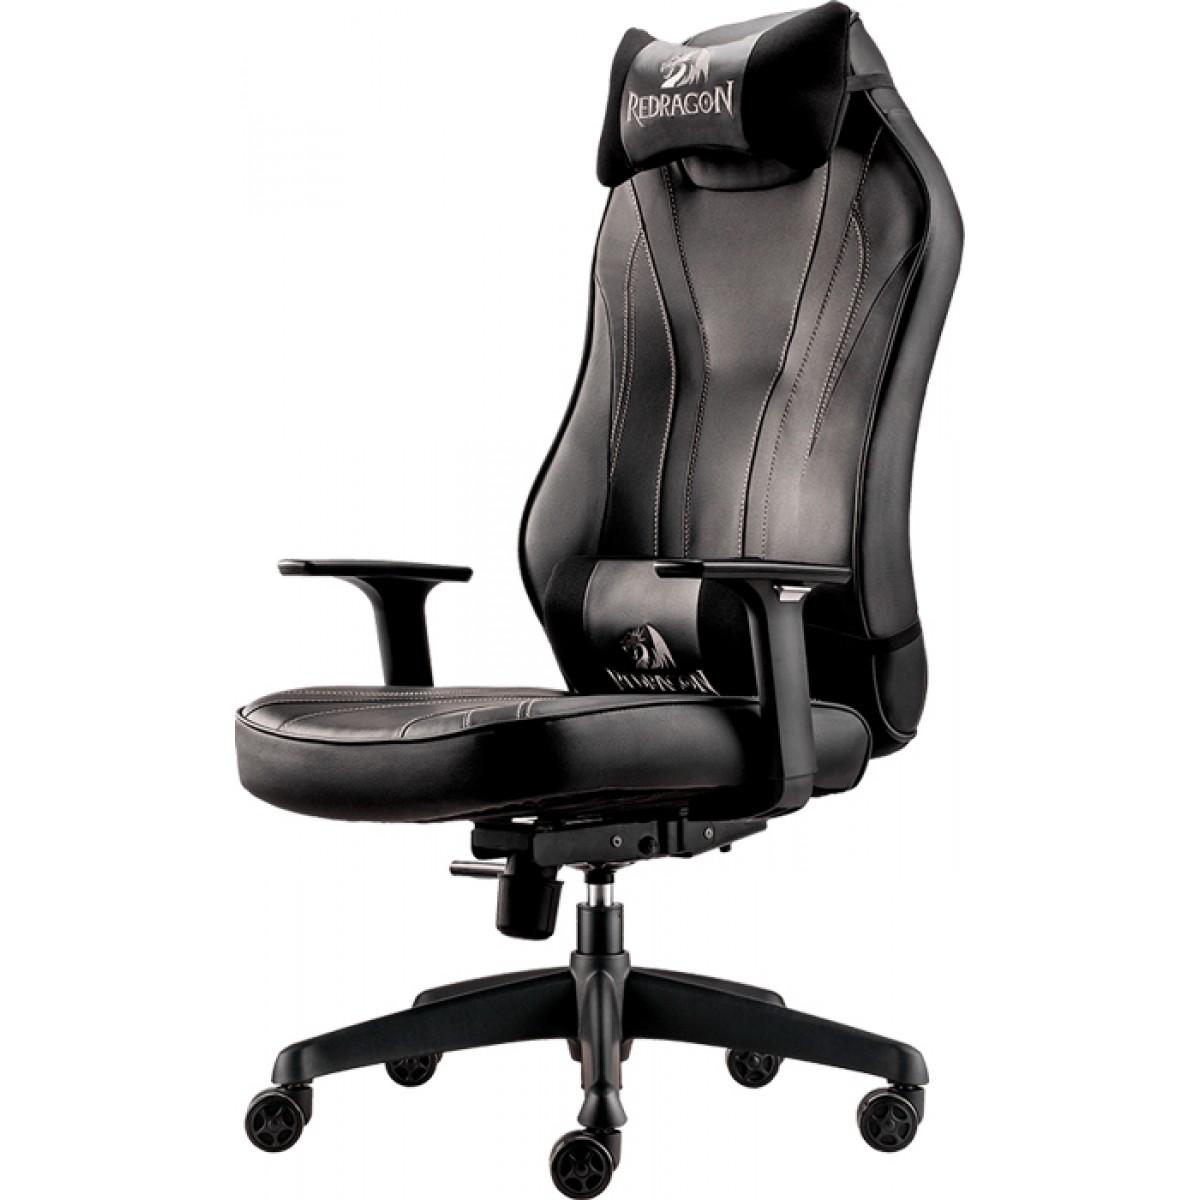 Cadeira Gamer Redragon Metis C102, Black, C102-B